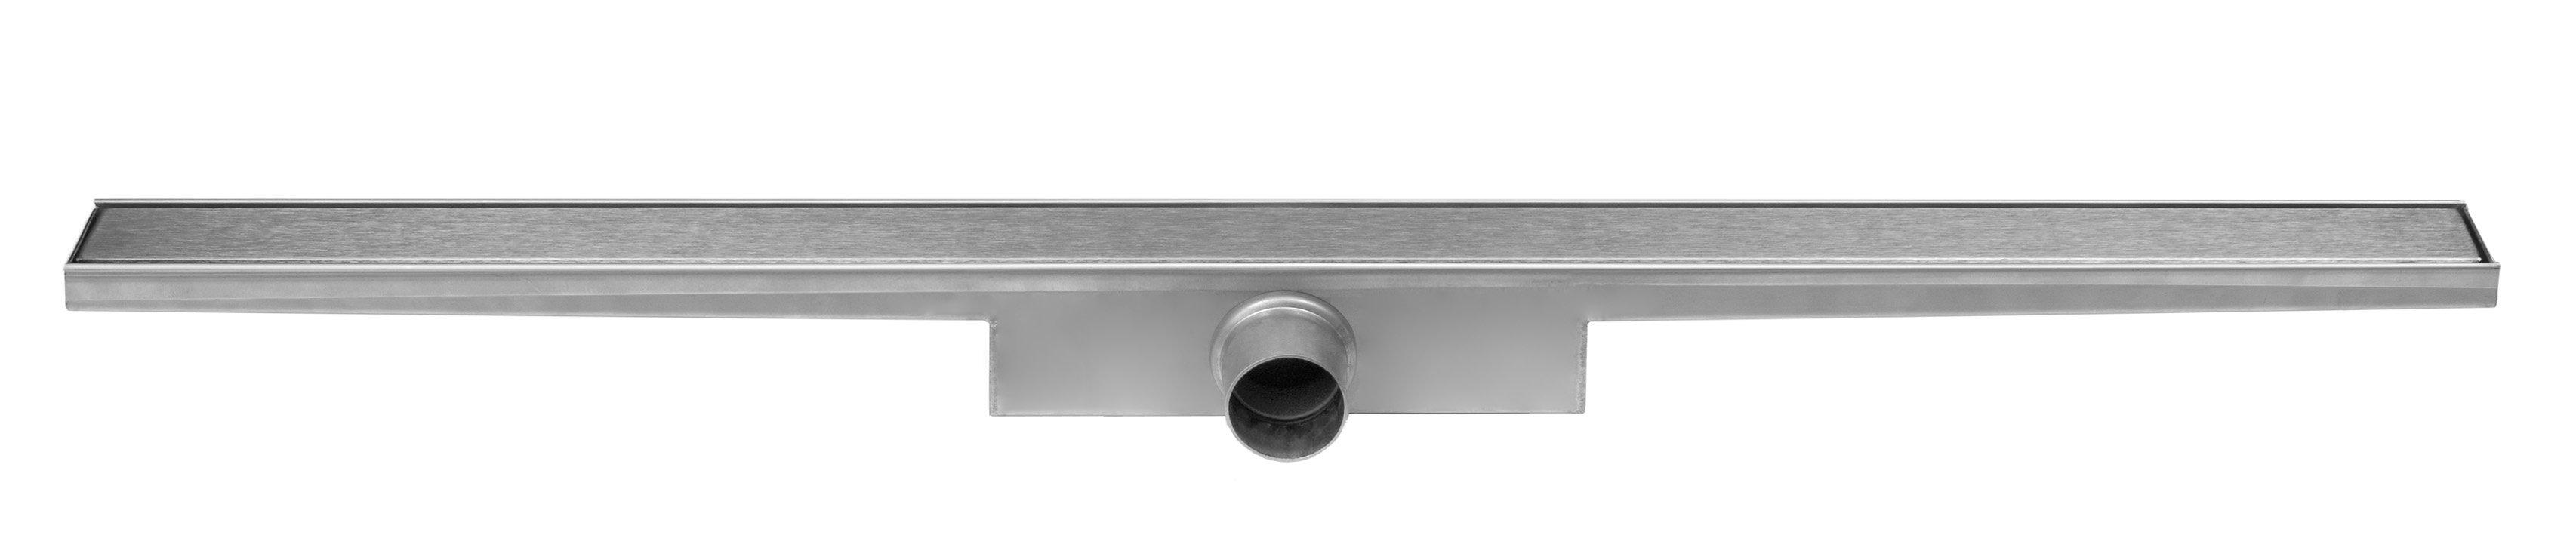 Easy Drain Compact Zero 30 afvoergoot 100x6 cm zijuitlaat, rvs